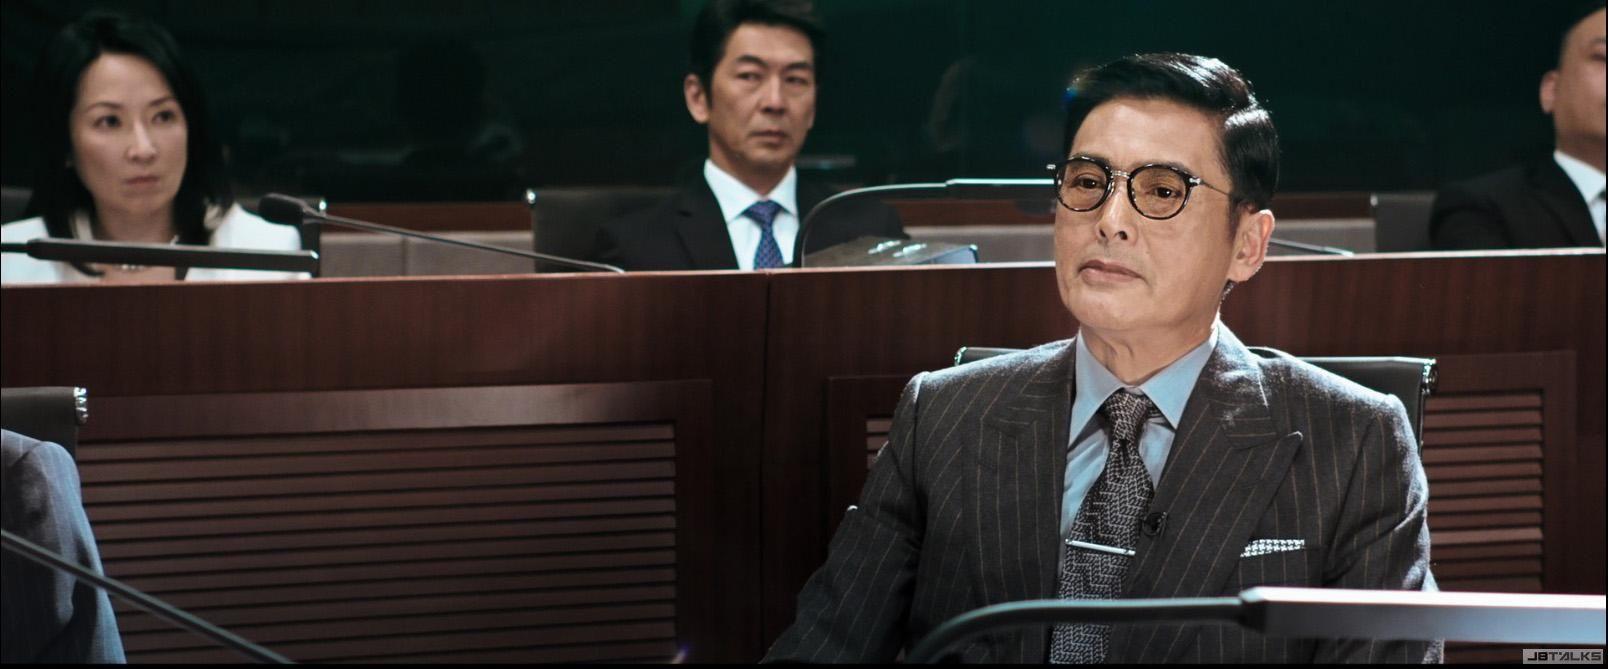 《寒戰2》再掀波瀾!原班人馬+周潤發、楊祐寧